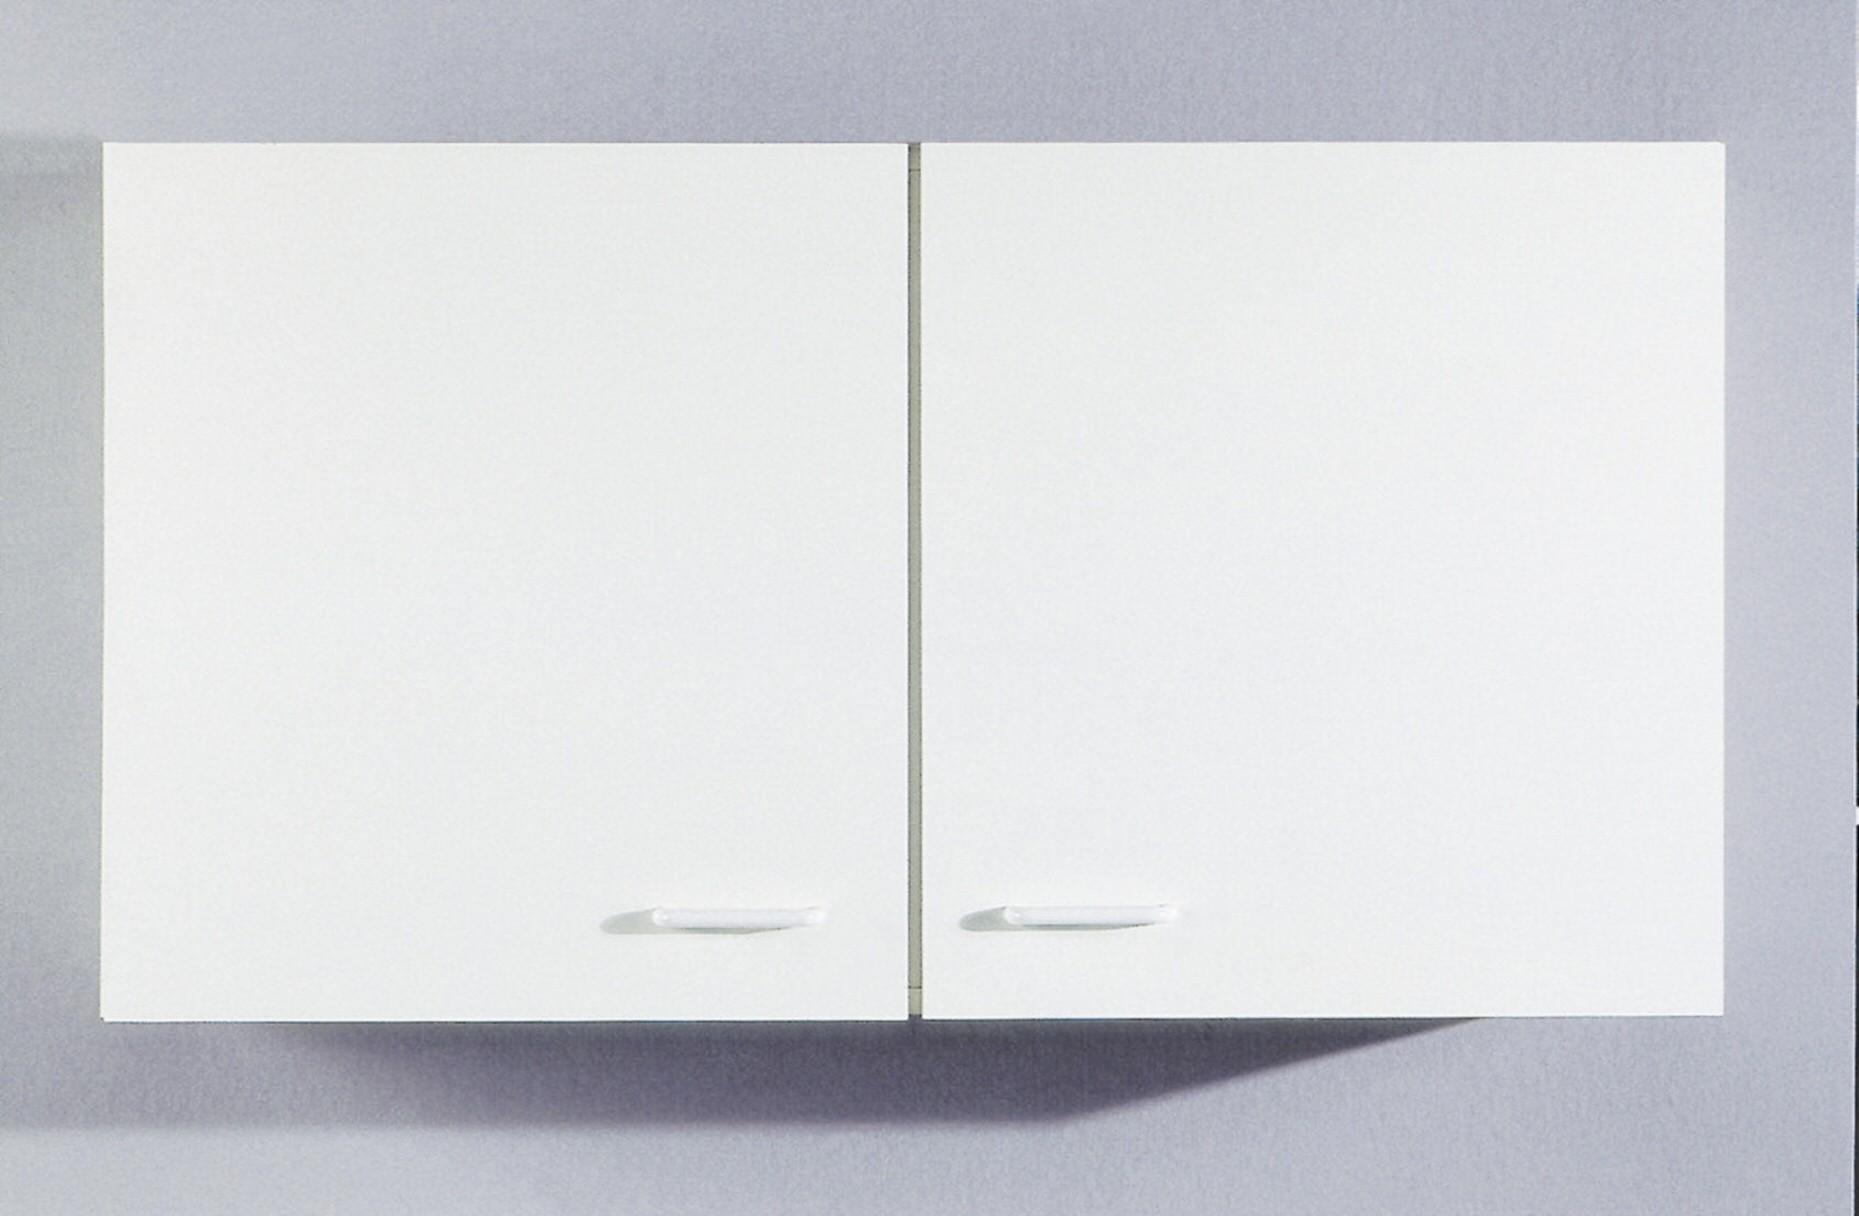 meuble haut de tv maison et mobilier d 39 int rieur. Black Bedroom Furniture Sets. Home Design Ideas